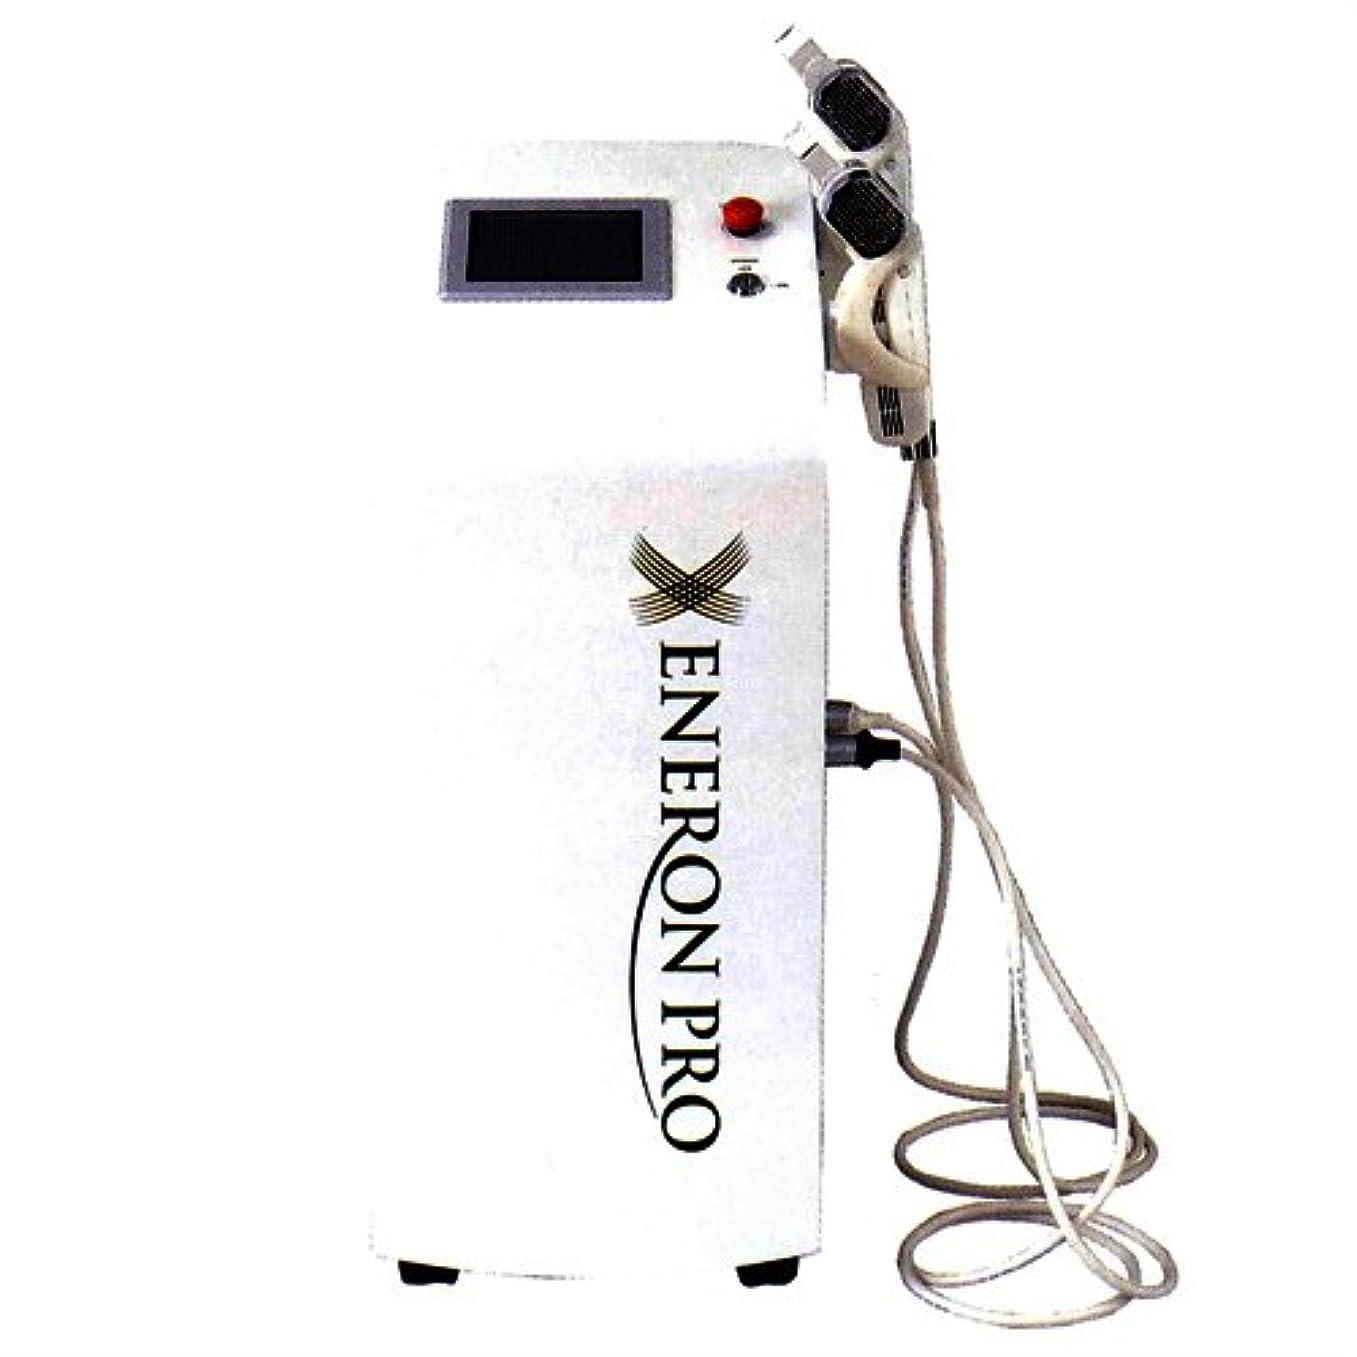 期待してコンセンサスマット美容ライト脱毛?フェイシャル機器 伊藤超短波 エネロンプロ(ENERON PRO)